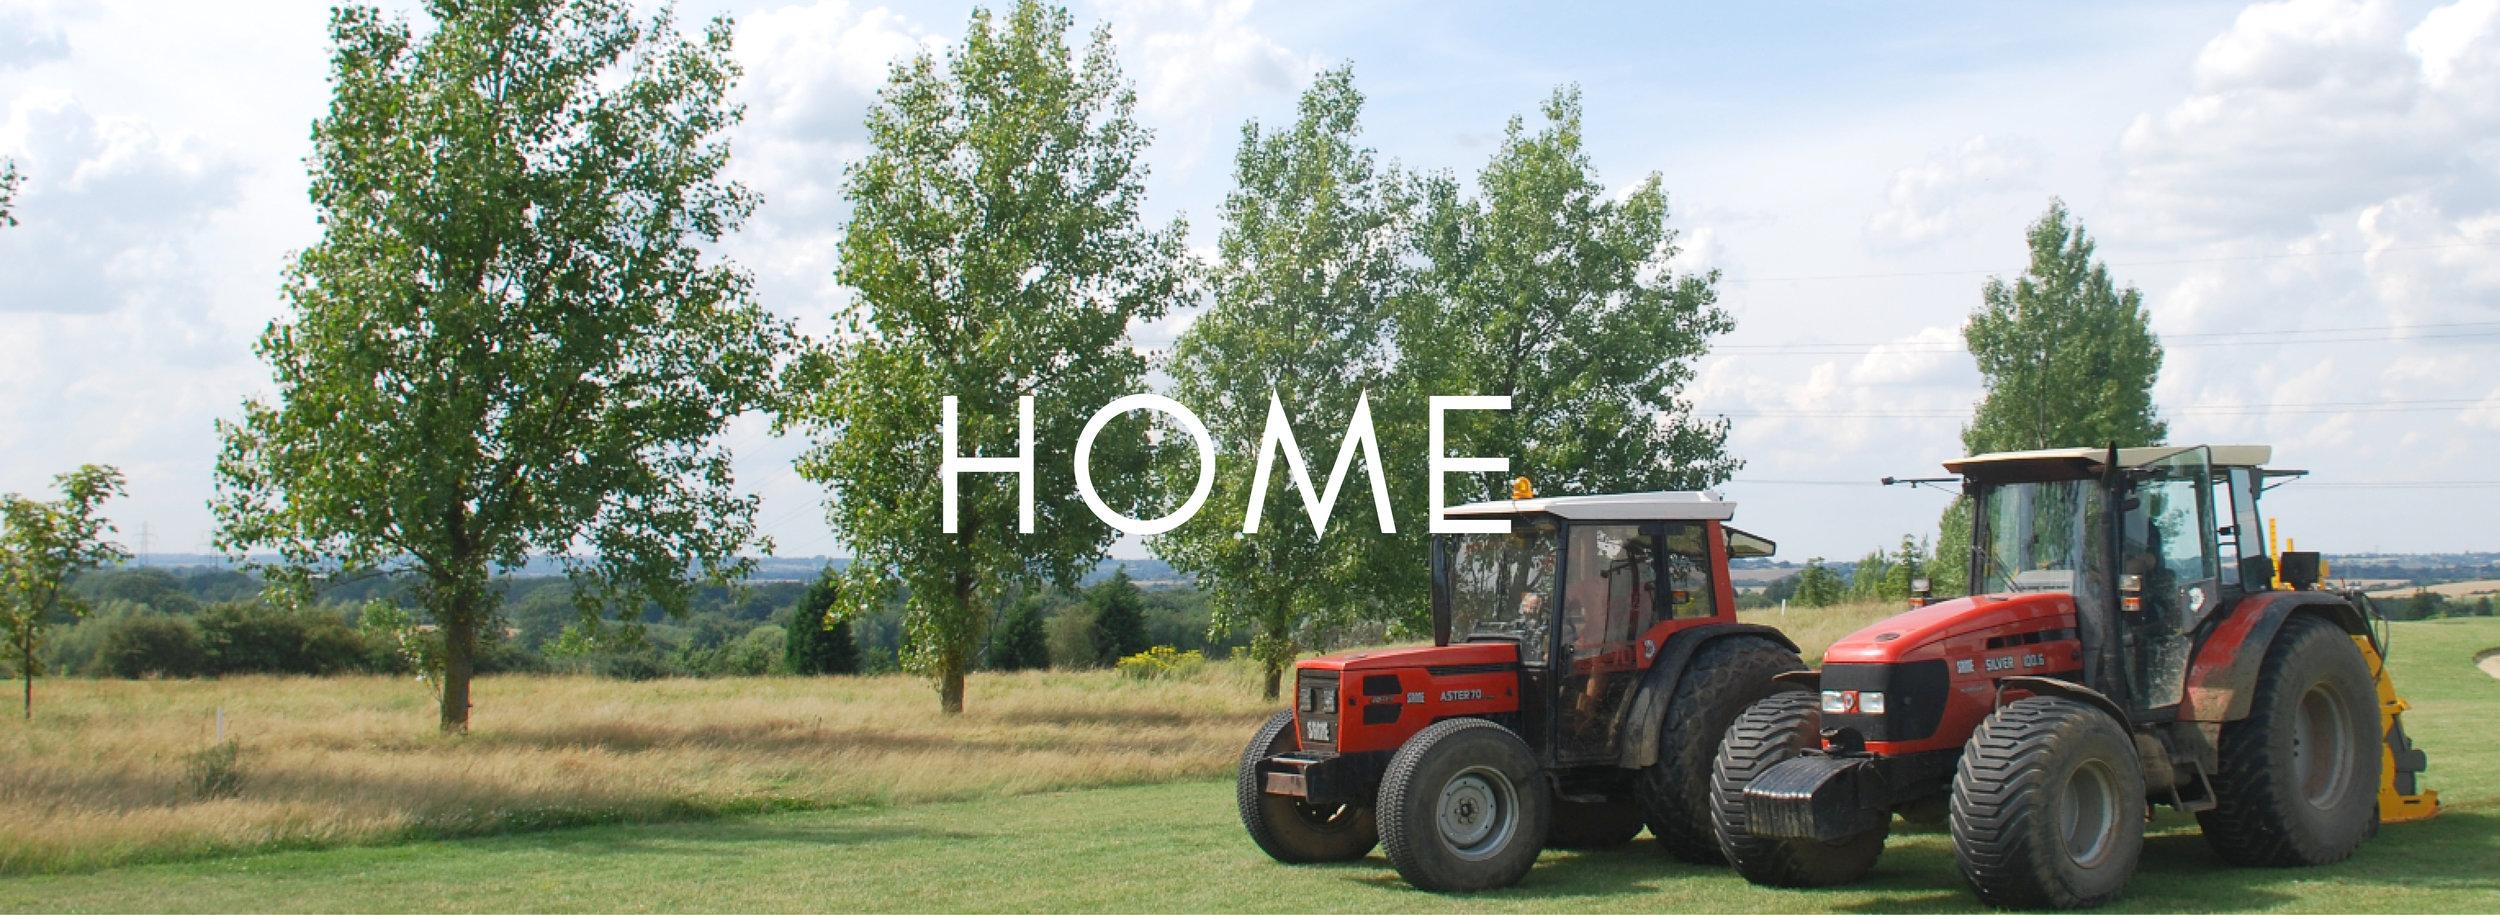 HOME BUTTON 2.jpg